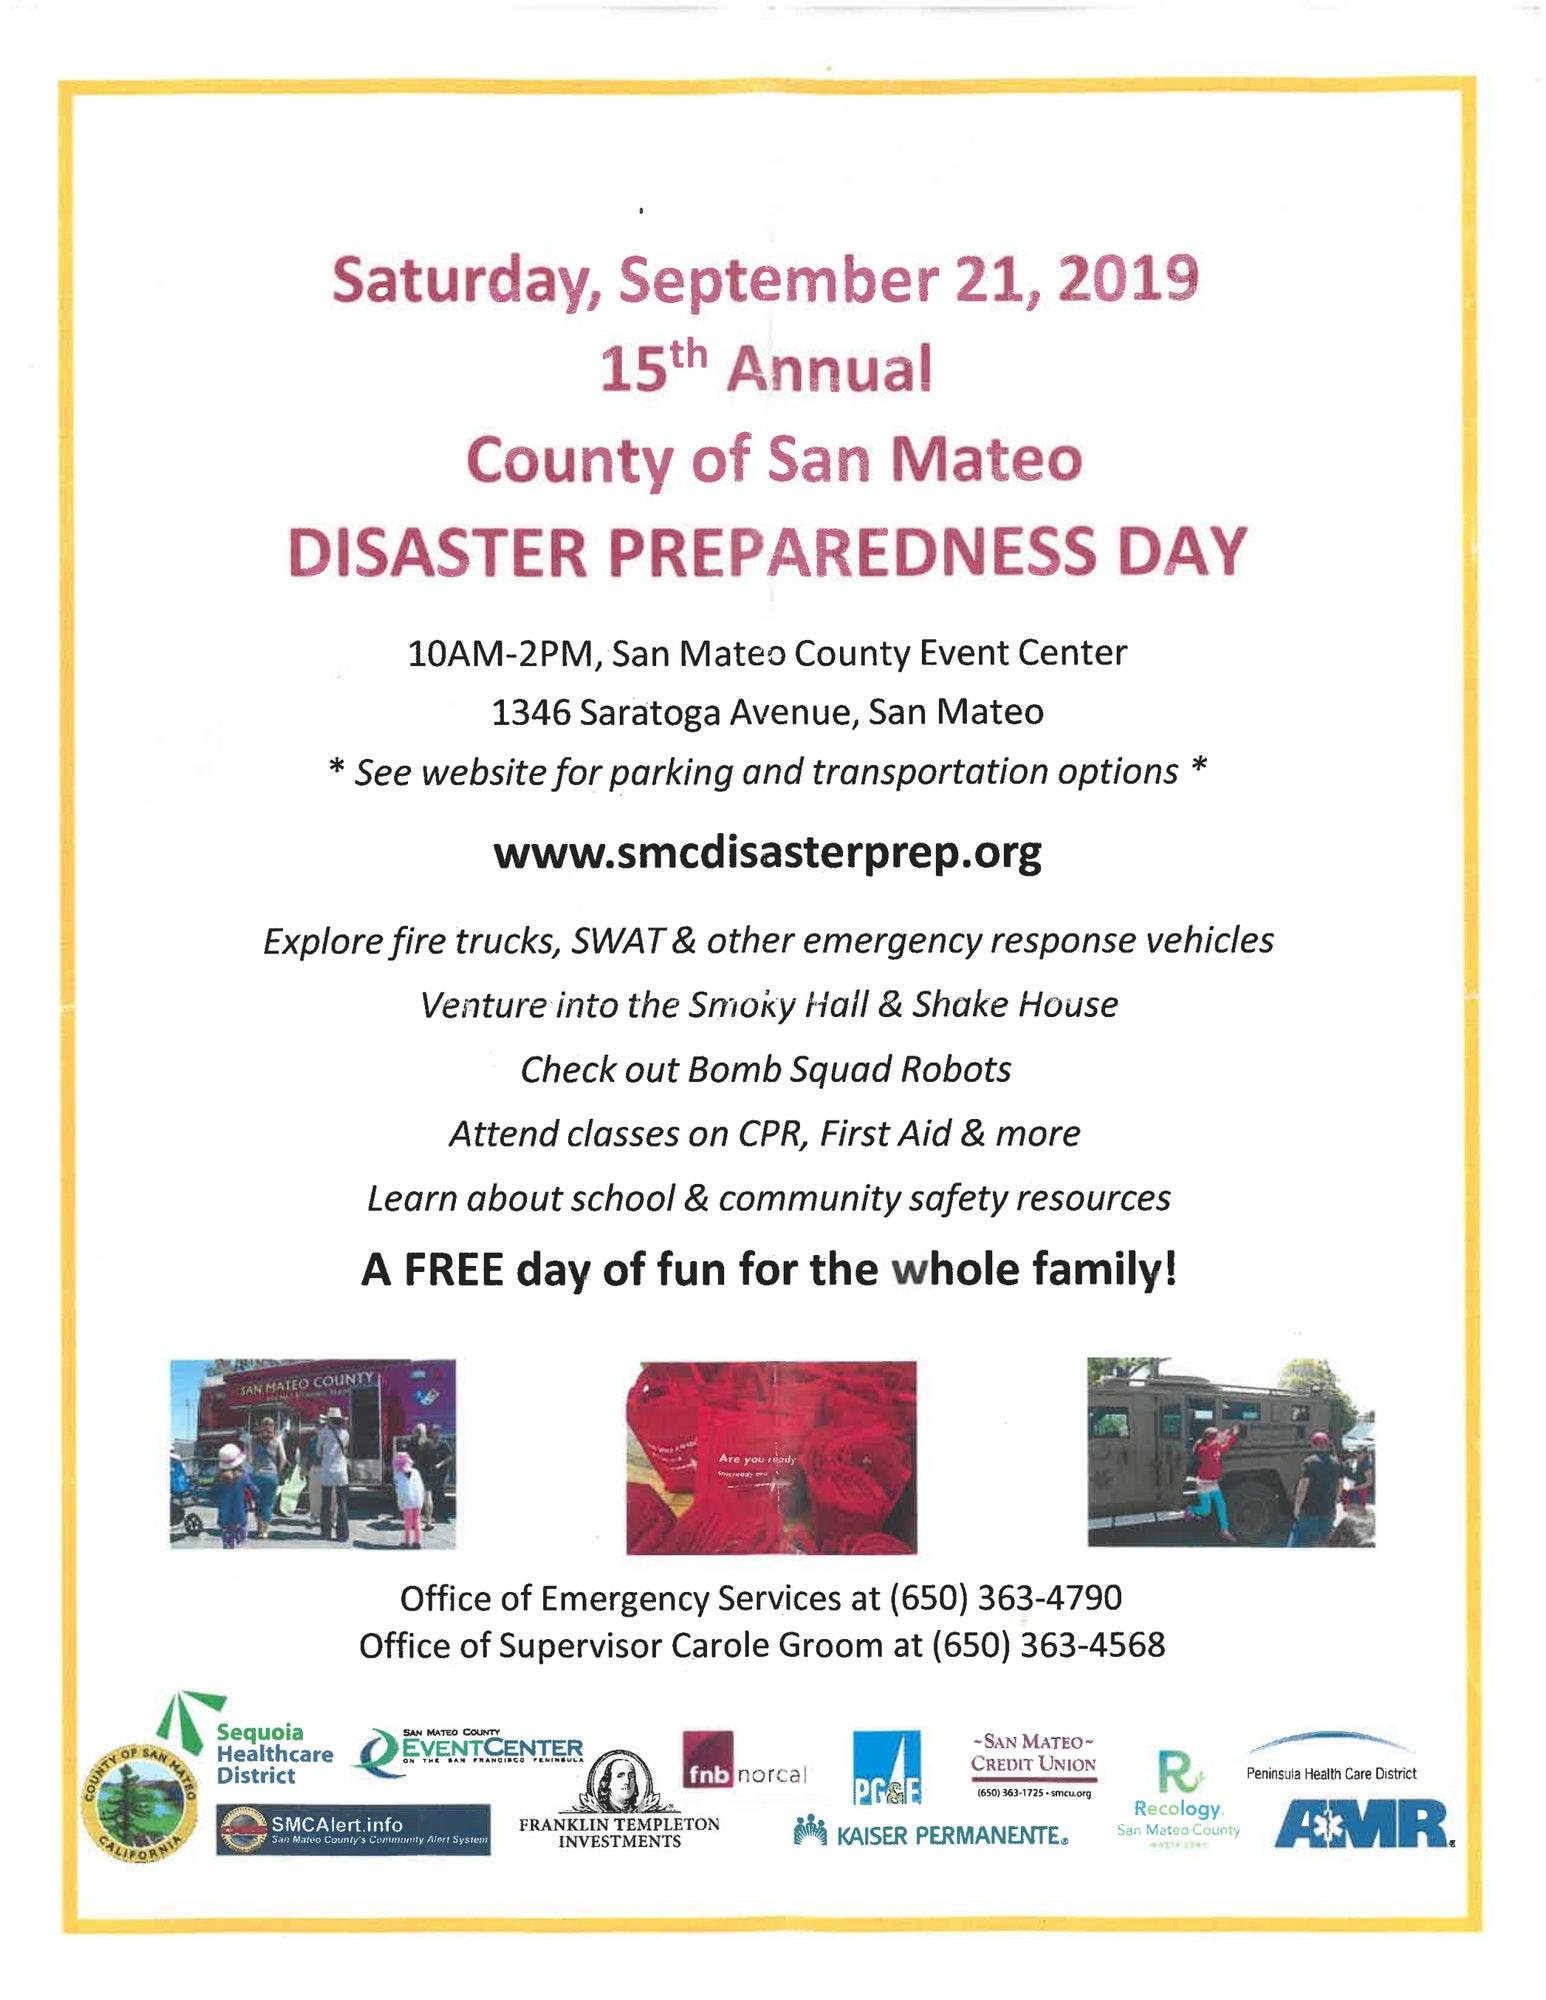 Disaster Preparedness 2019 Flyer